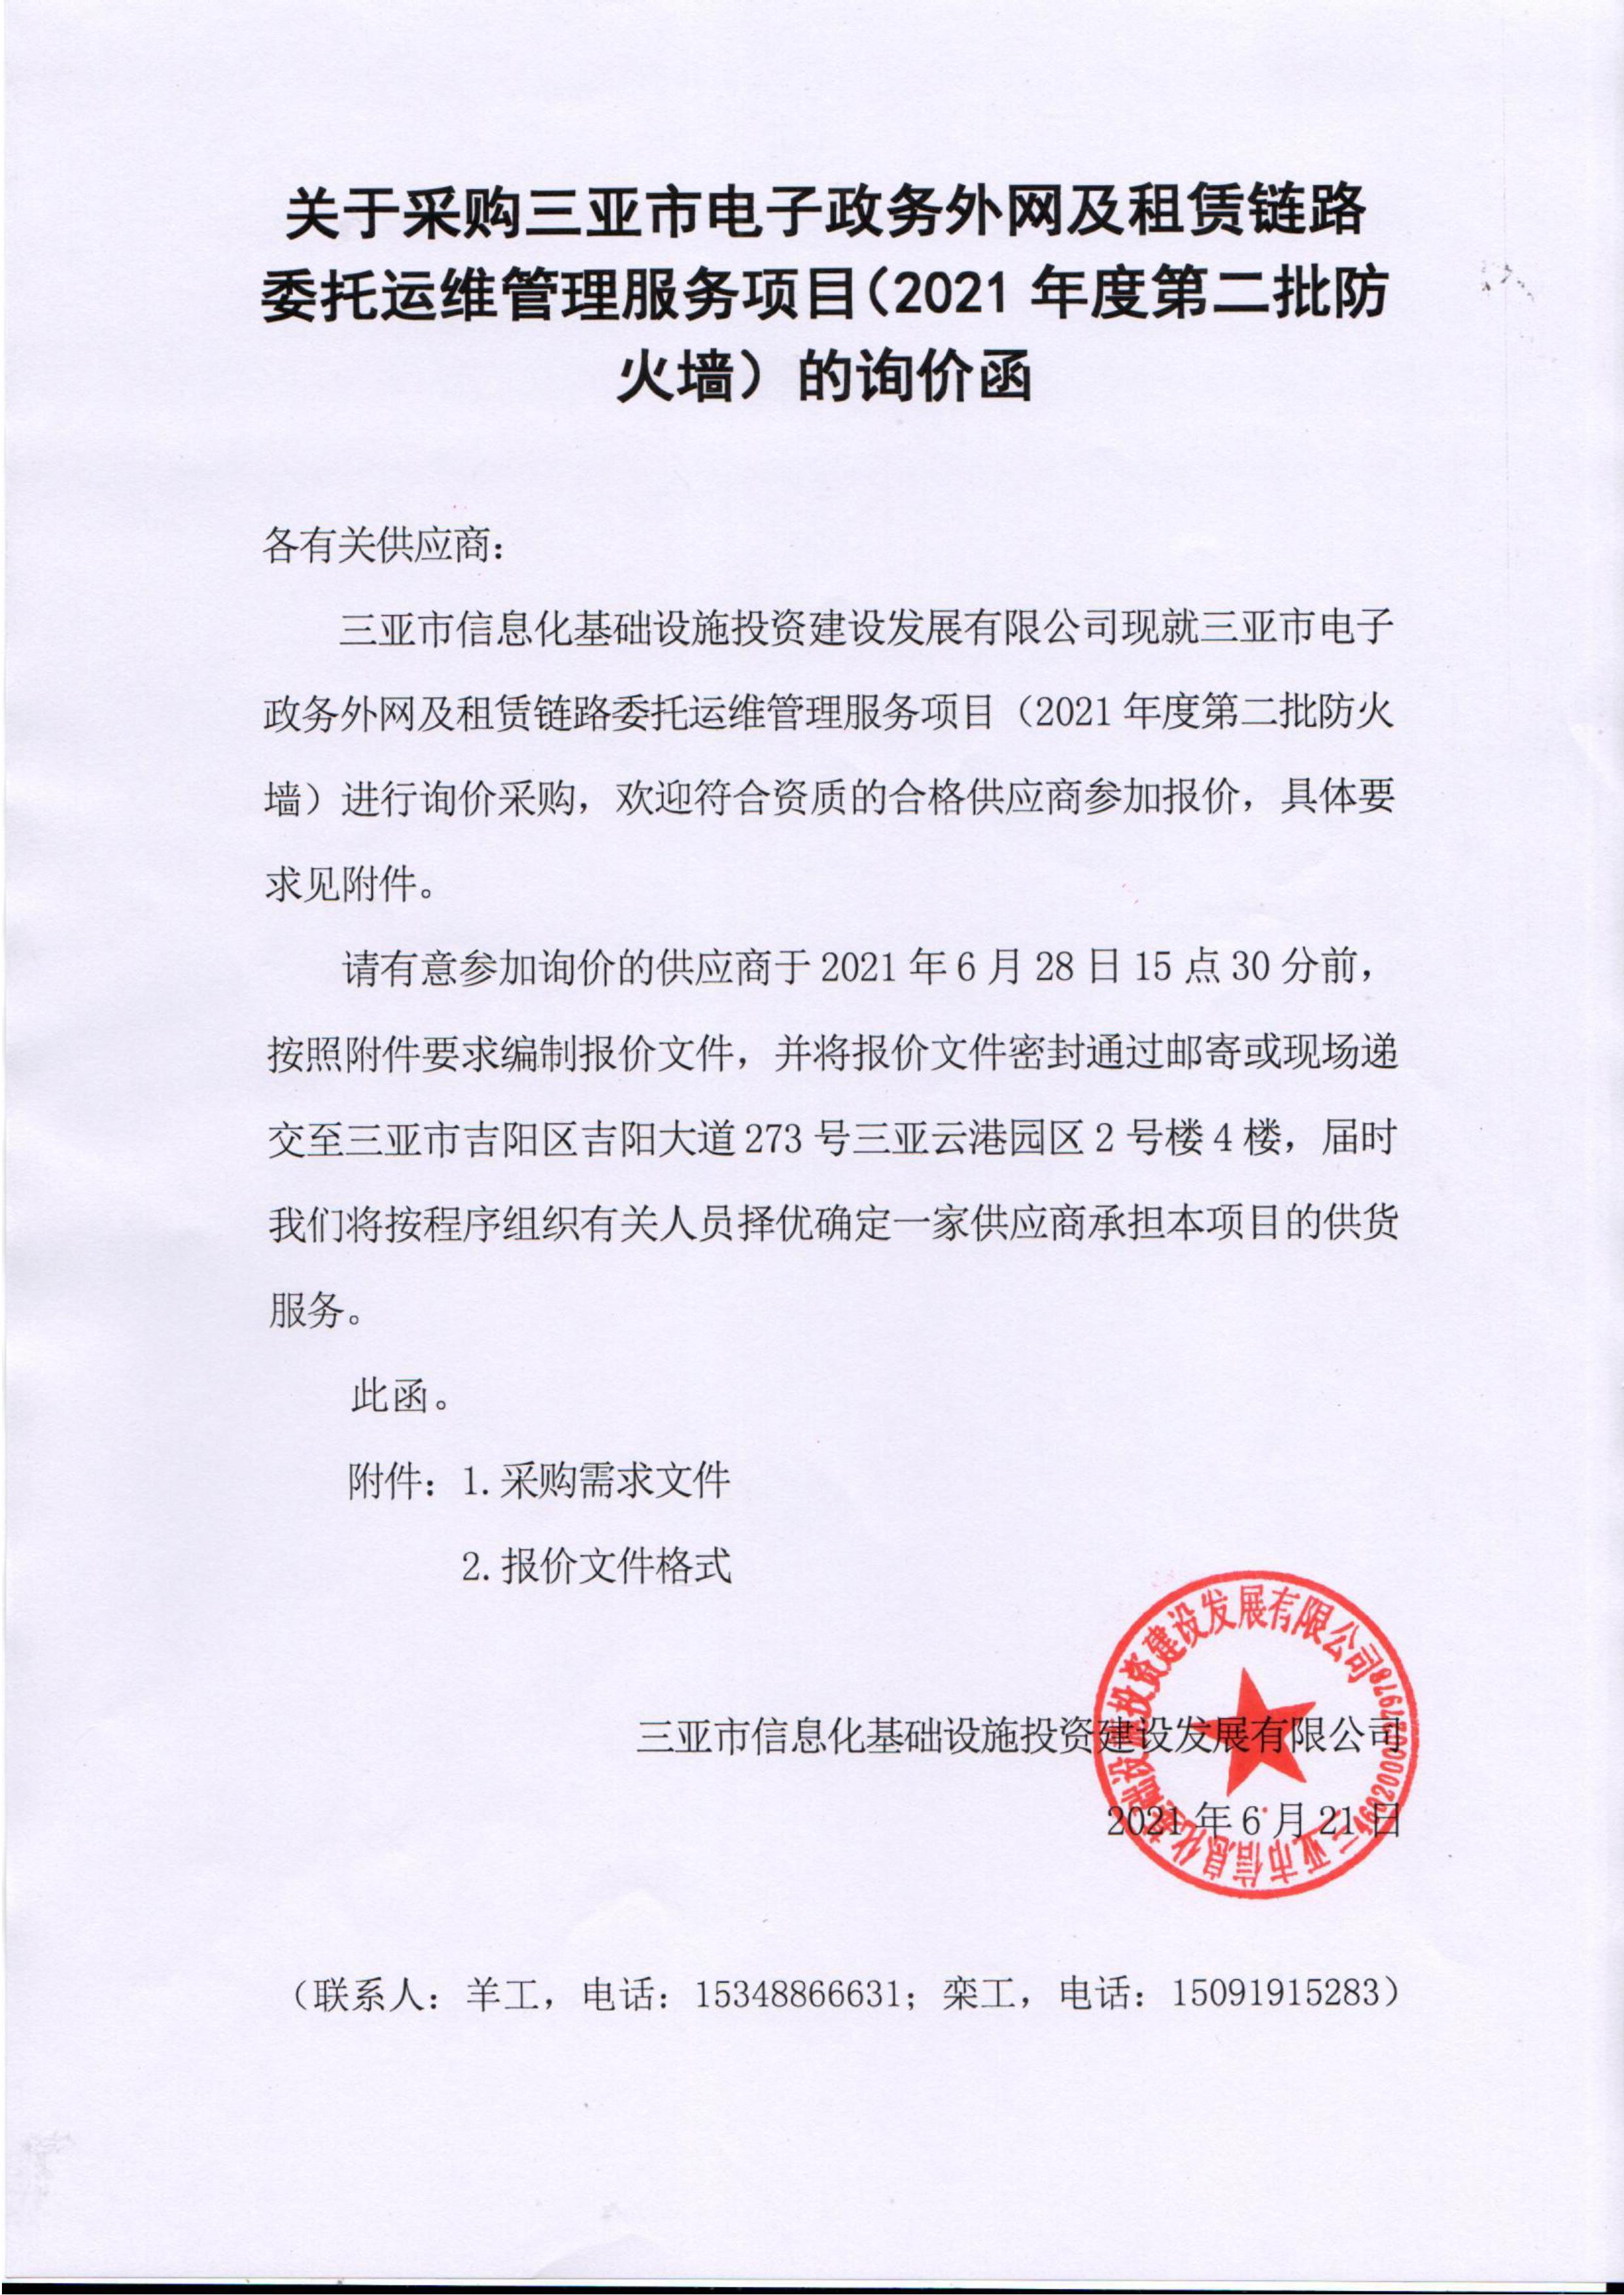 关于采购三亚市电子政务外网及链路委托运维管理服务项目(2021年度第二批防火墙)询价函